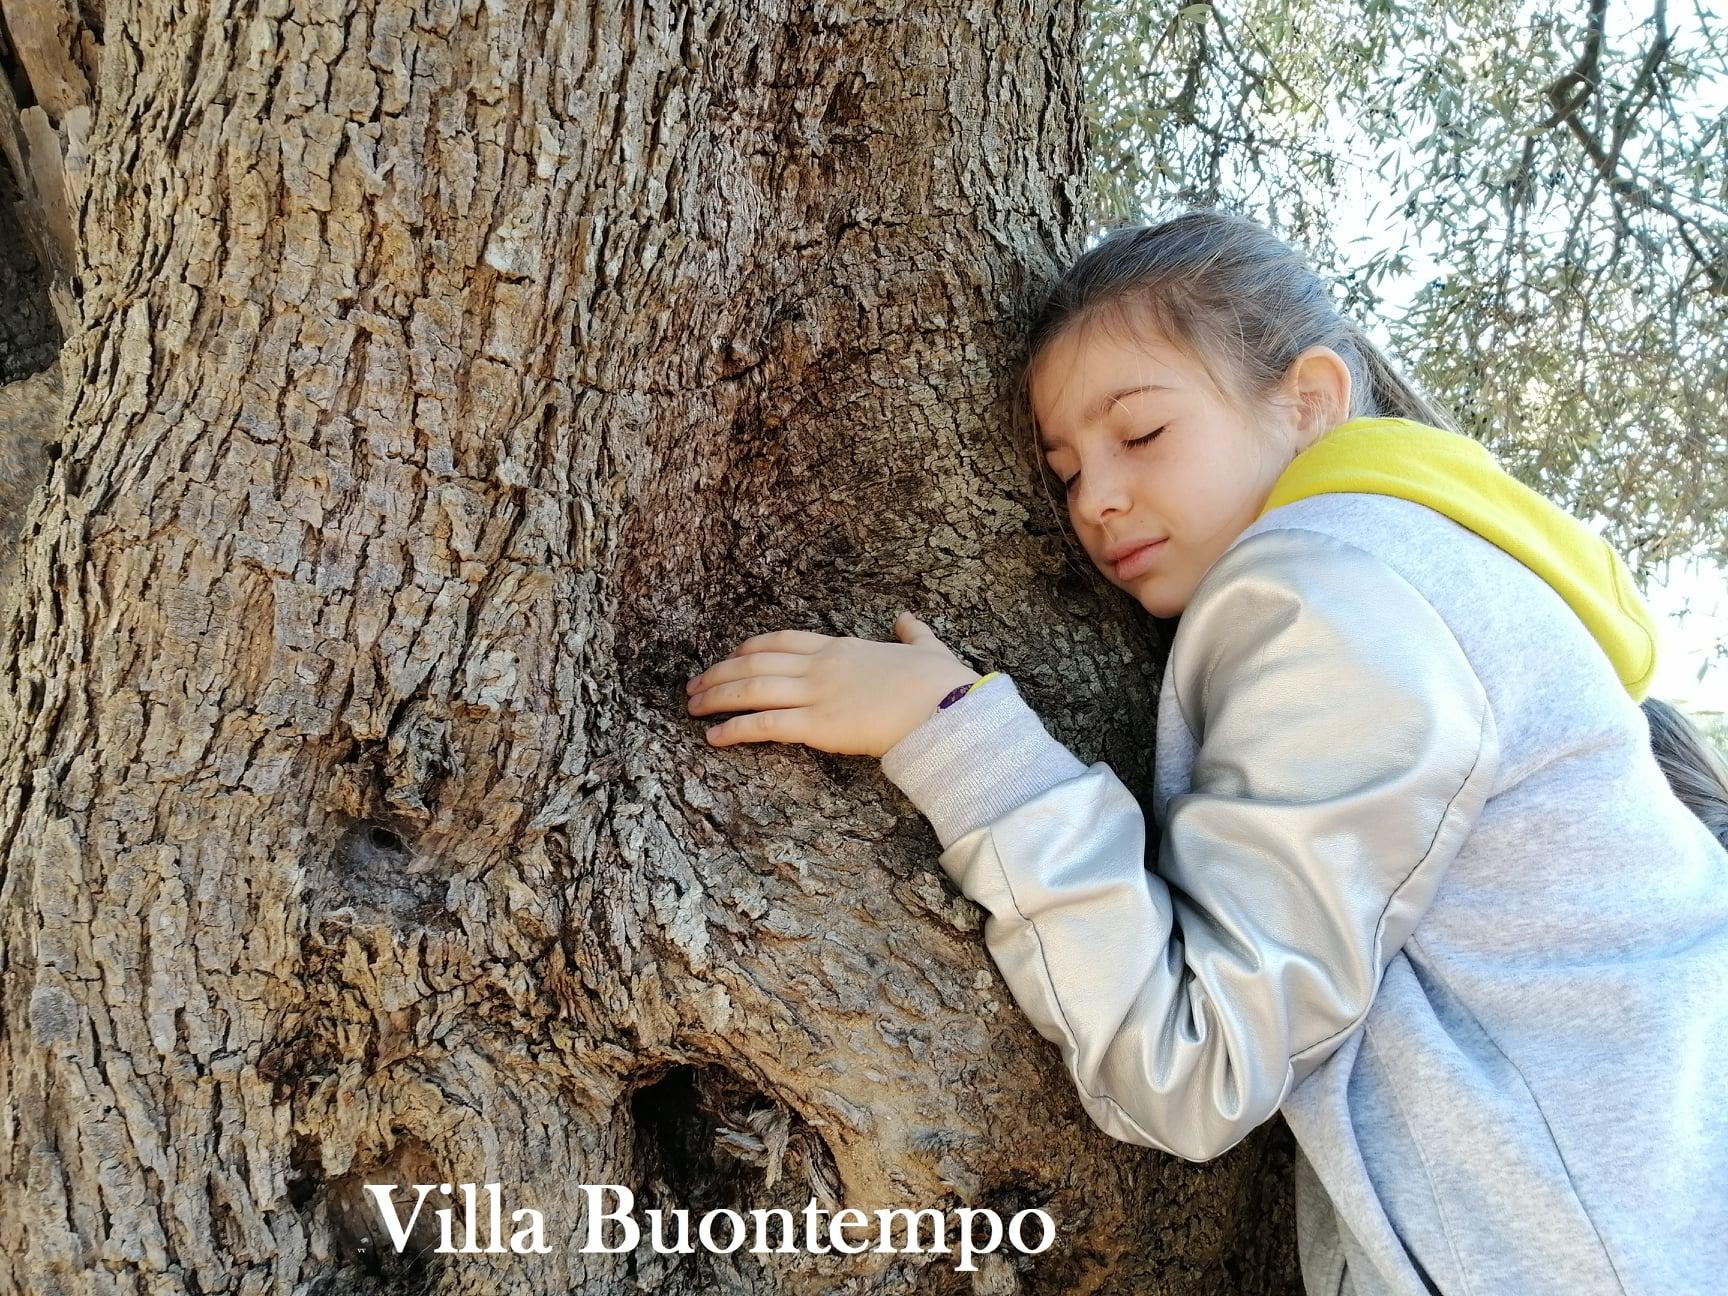 VILLA BUONTEMPO AGRITURISMO E MASSERIA DIDATTICA